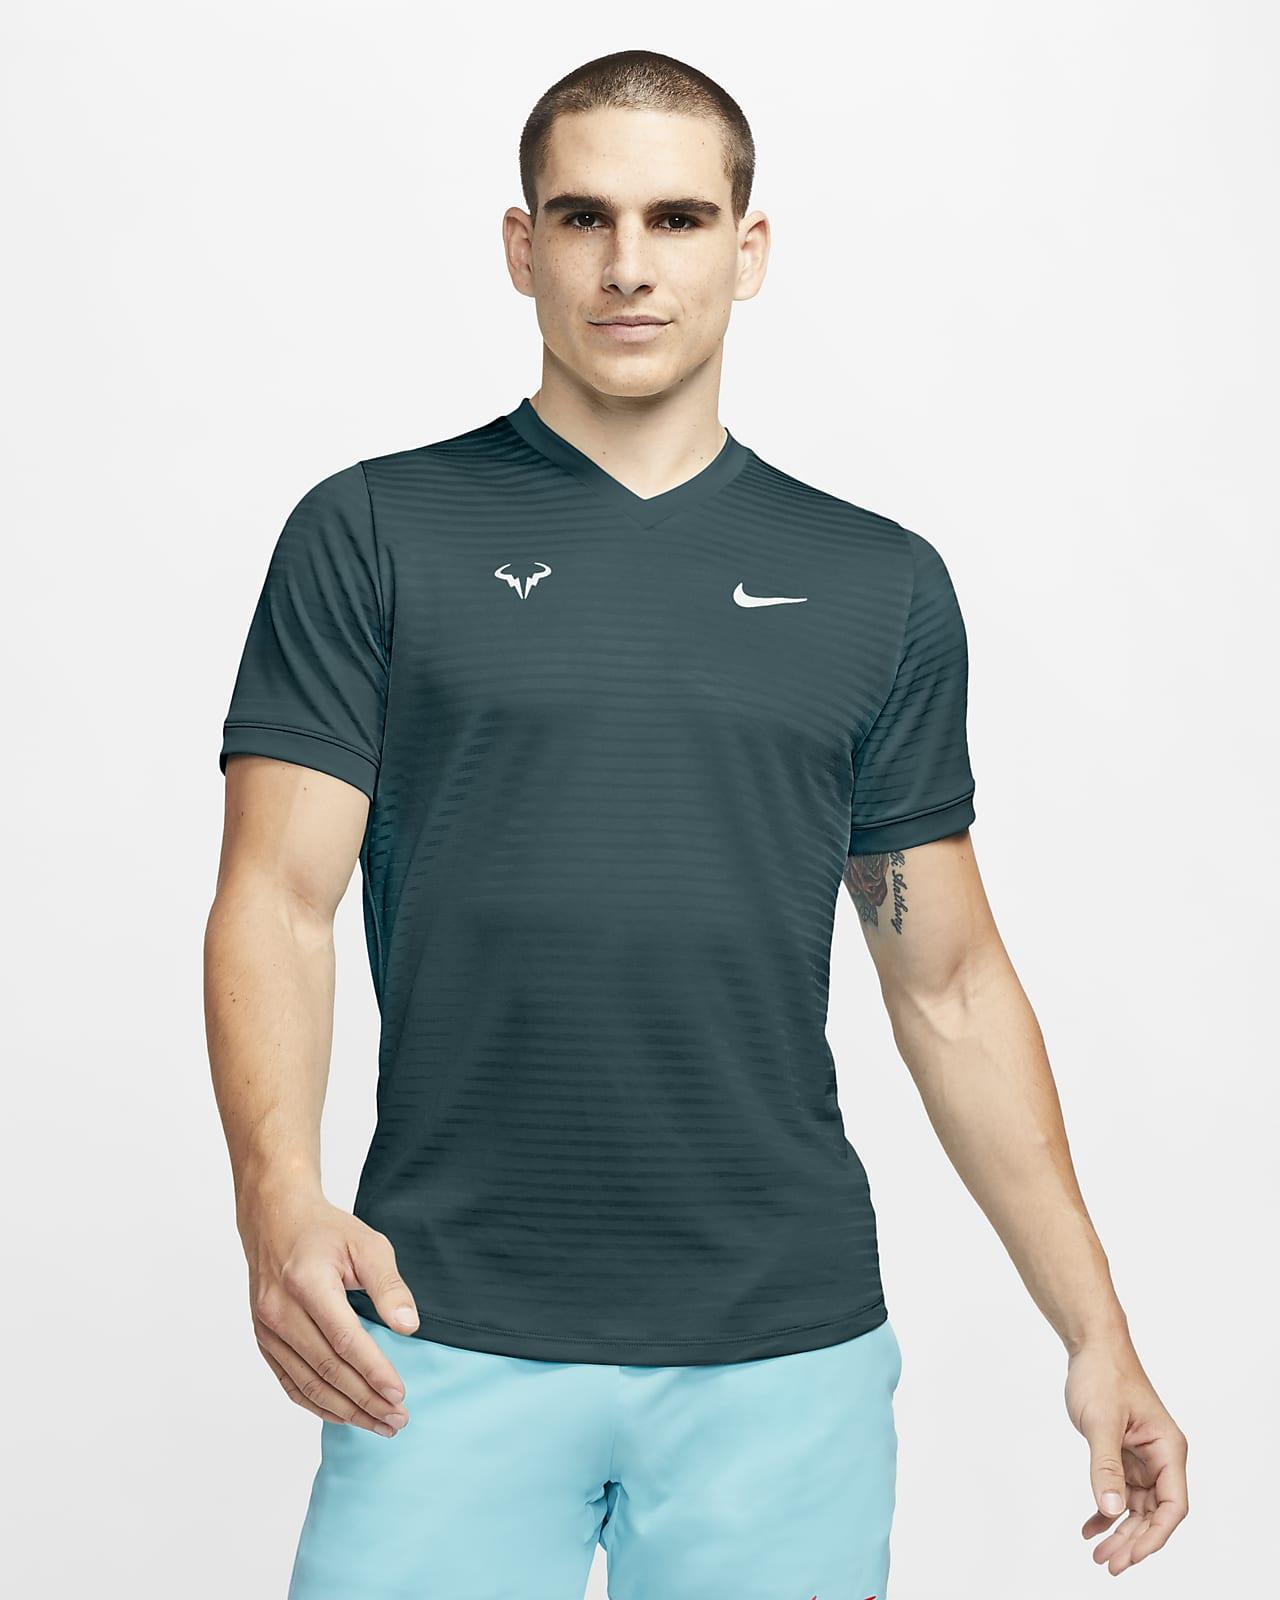 Rafa Challenger Men's Short-Sleeve Tennis Top